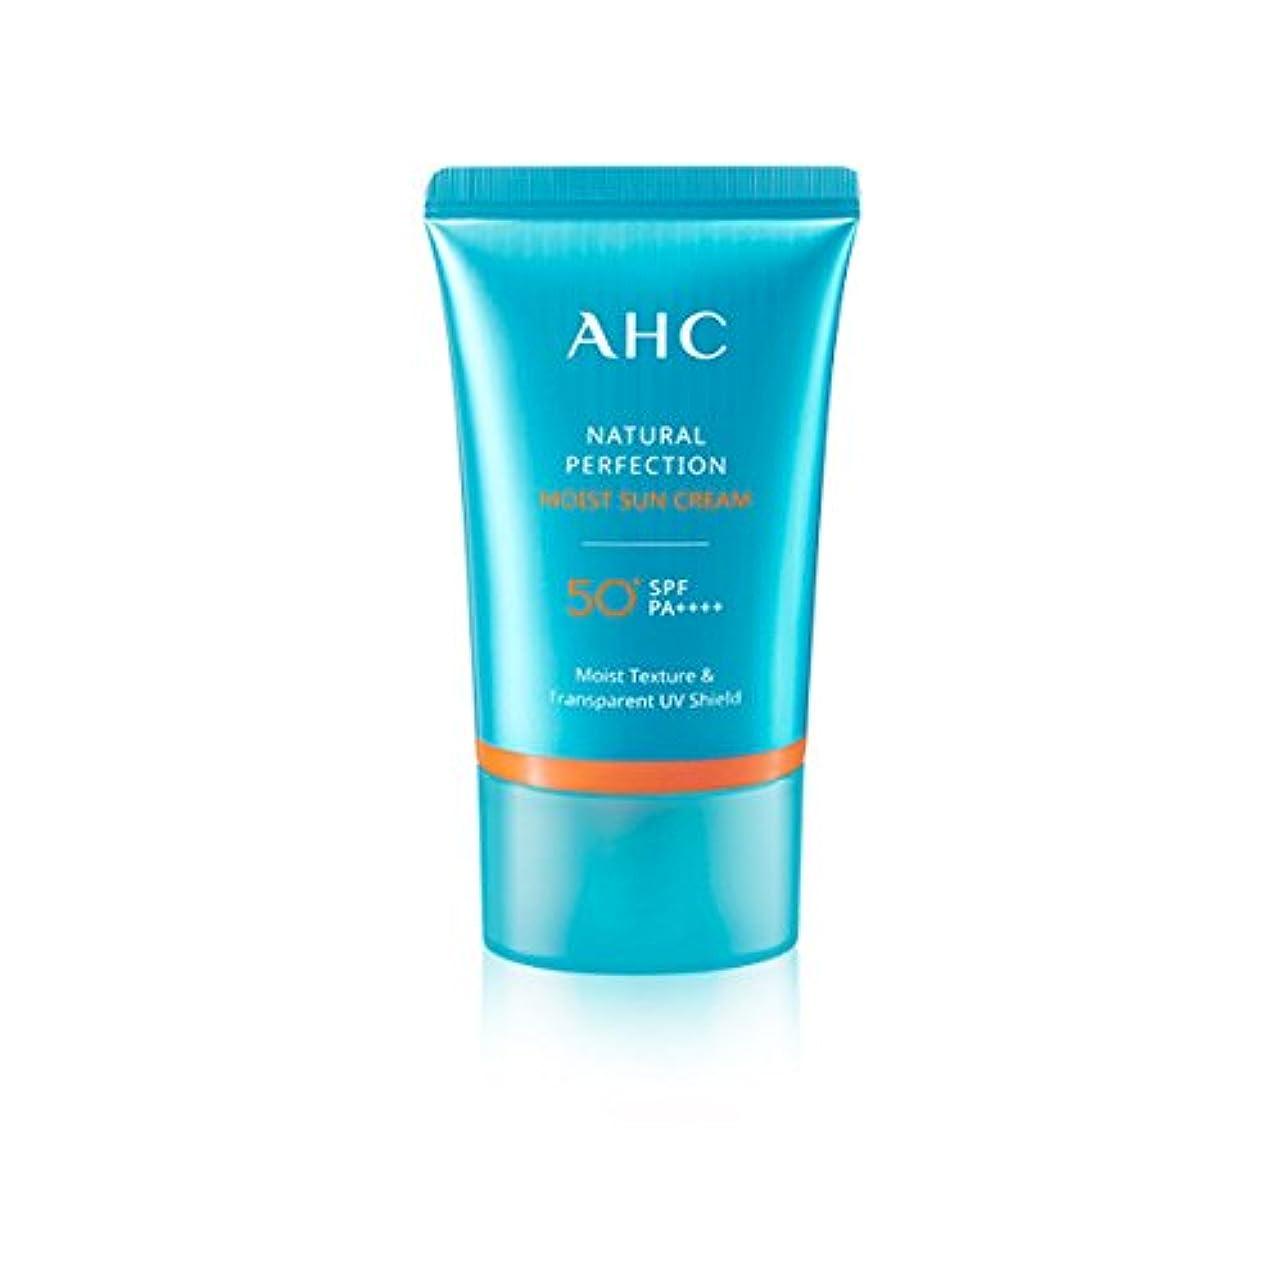 用心深い対角線メジャーAHC Natural Perfection Moist Sun Cream 50ml/AHC ナチュラル パーフェクション モイスト サン クリーム 50ml [並行輸入品]